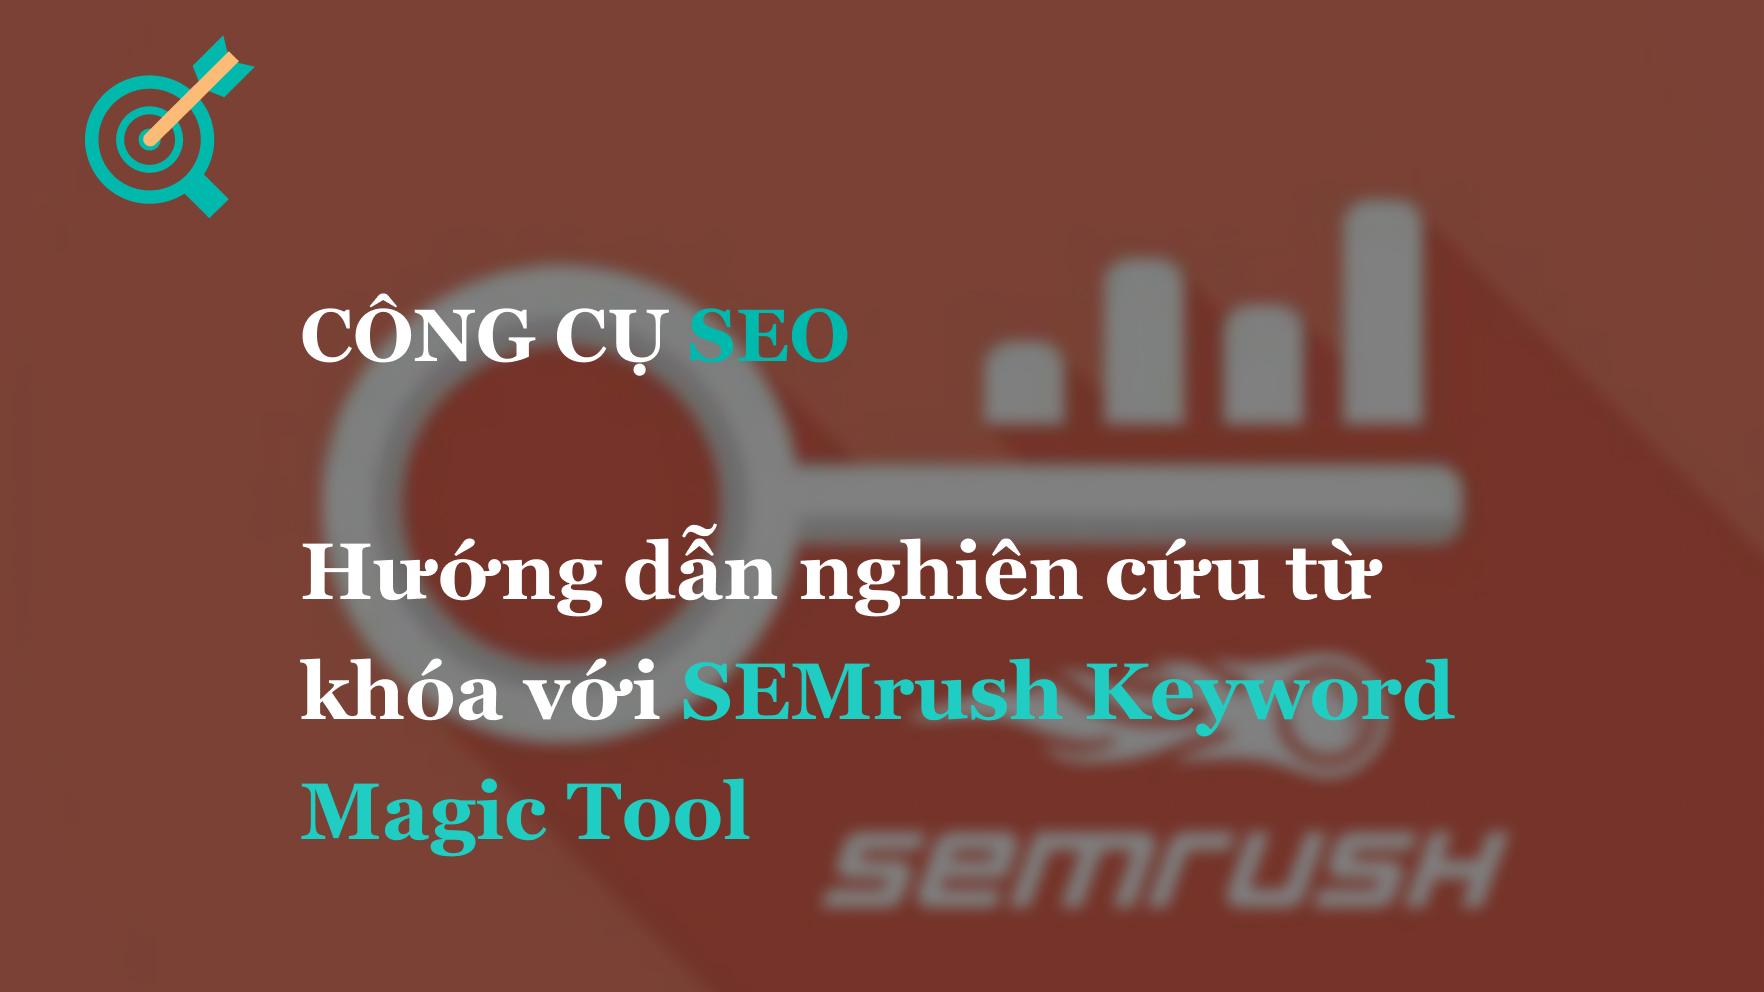 Công cụ nghiên cứu từ khóa với SEMrush Keyword Magic Tool